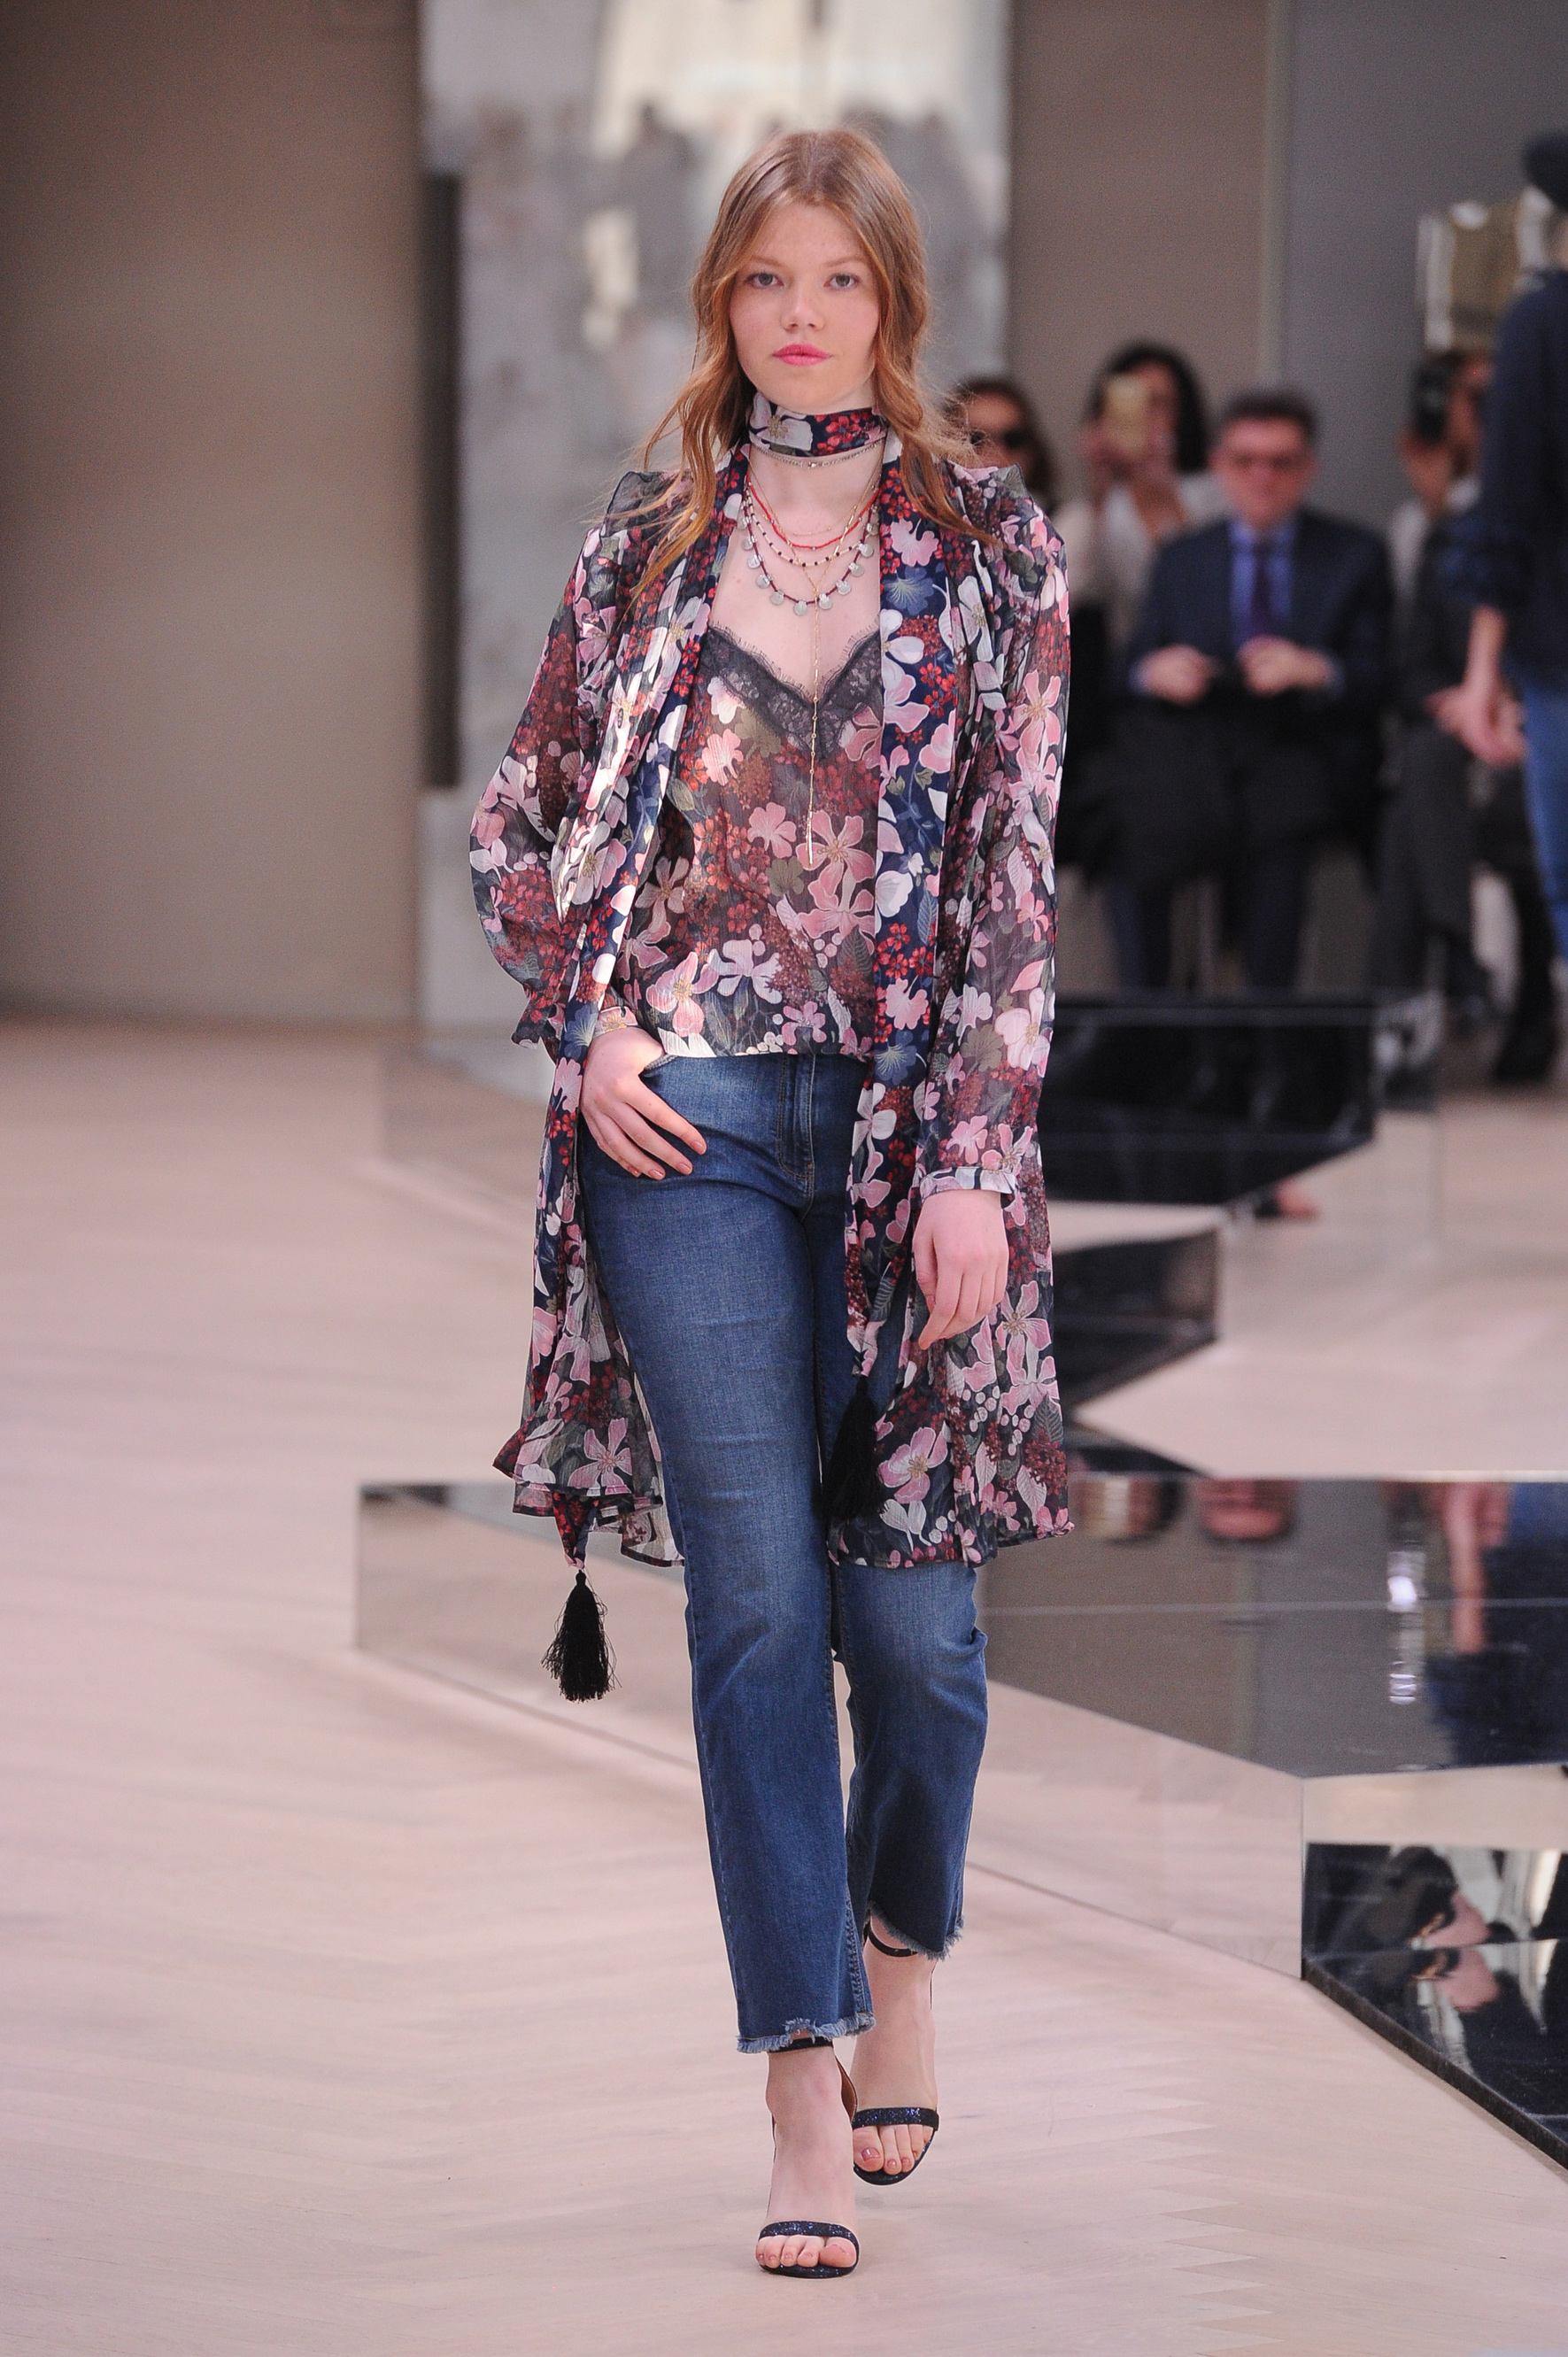 ab88f0d8dd56 Tendenze moda Primavera Estate 208  Vanessa Incontrada presenta la ...